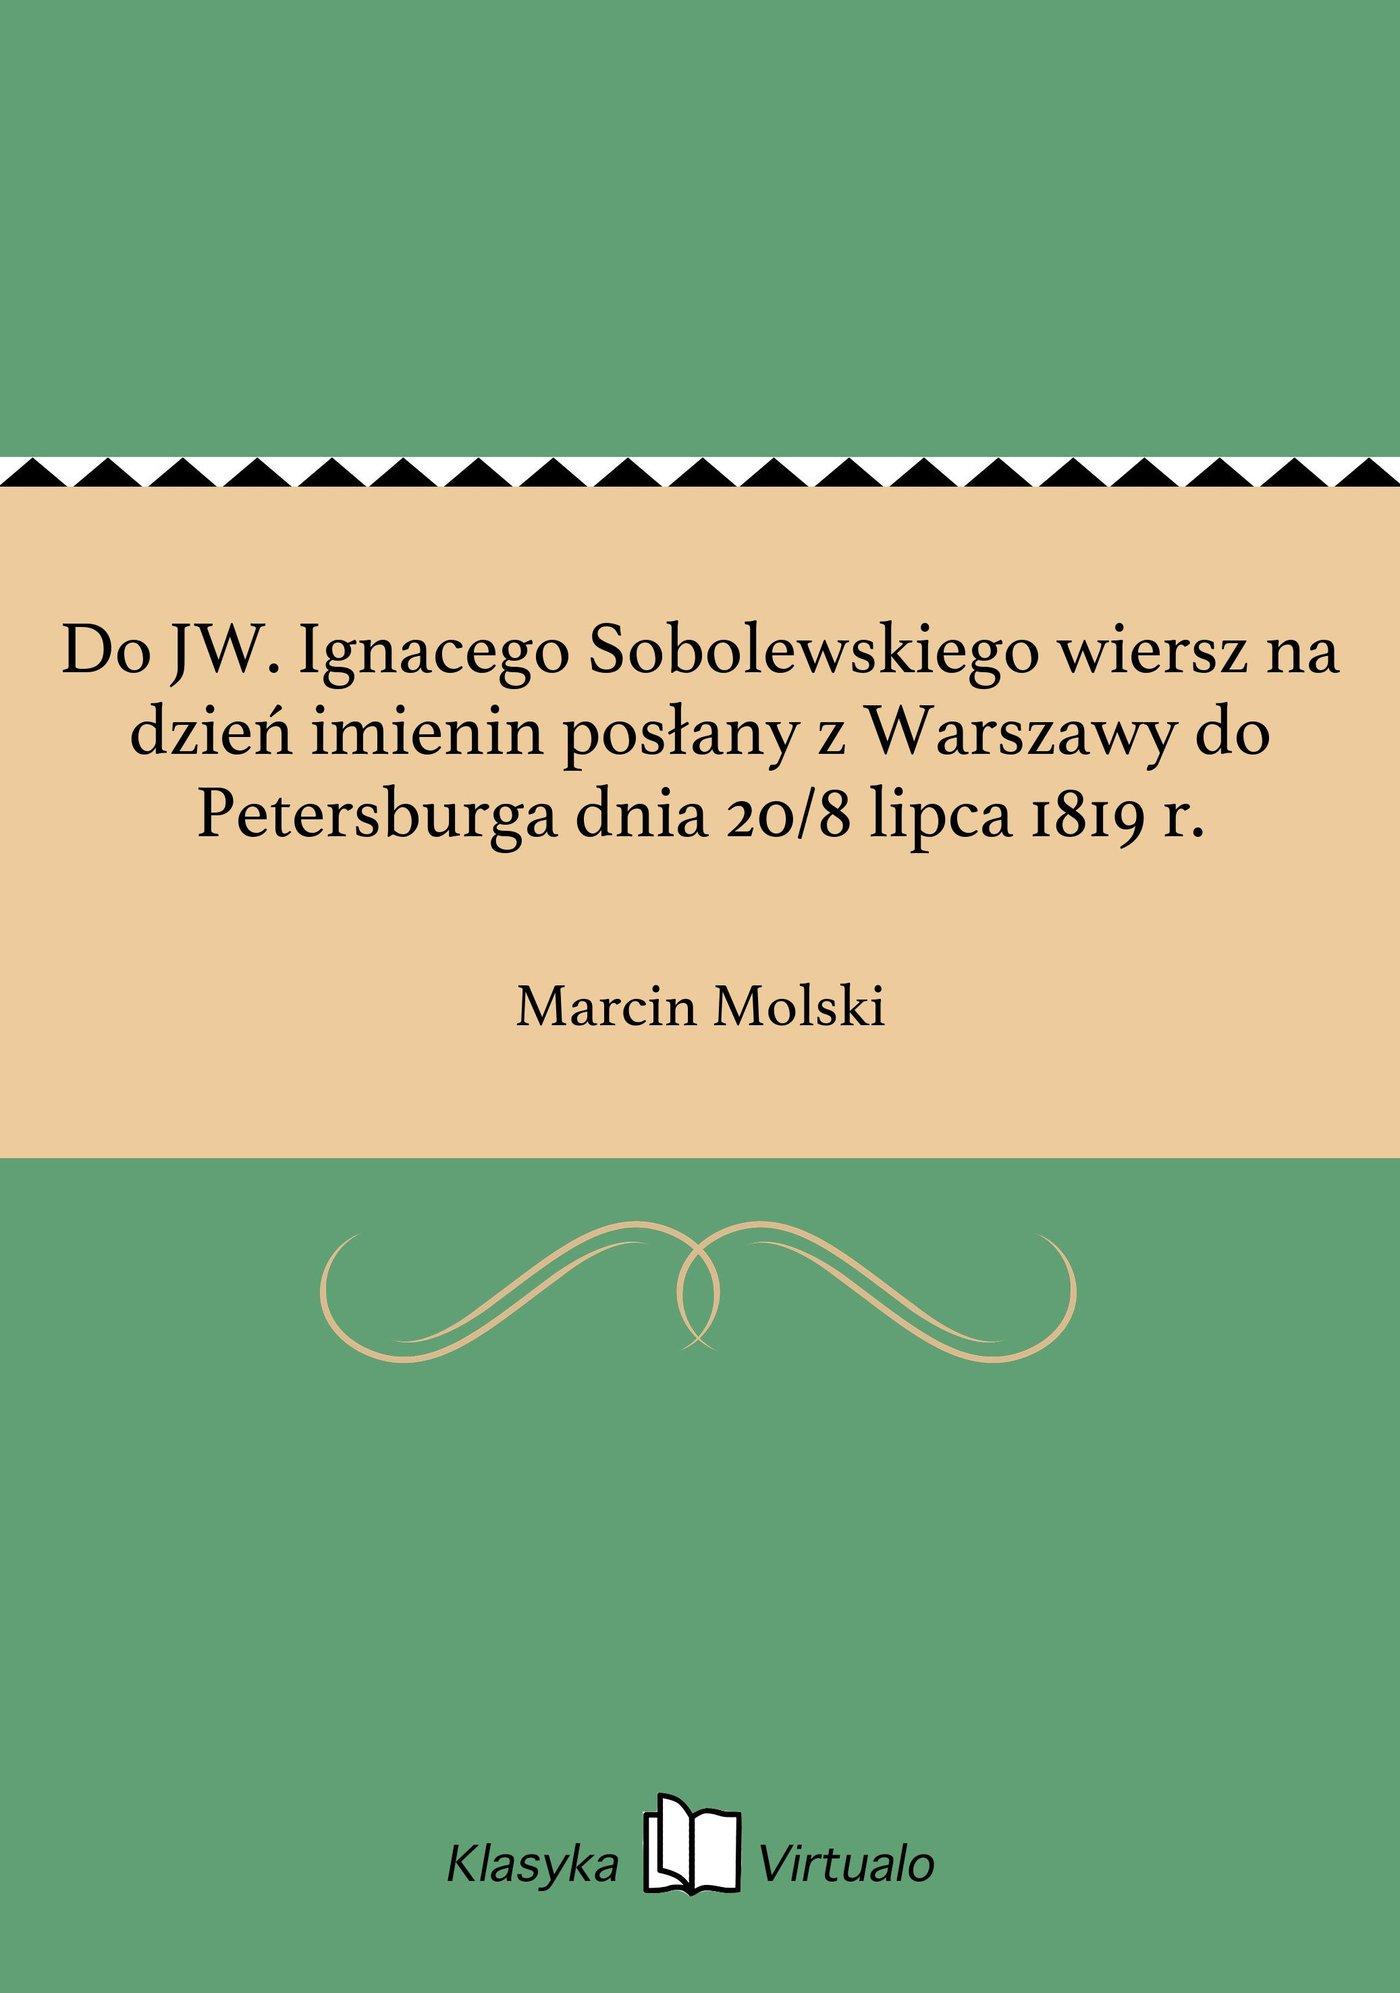 Do JW. Ignacego Sobolewskiego wiersz na dzień imienin posłany z Warszawy do Petersburga dnia 20/8 lipca 1819 r. - Ebook (Książka na Kindle) do pobrania w formacie MOBI